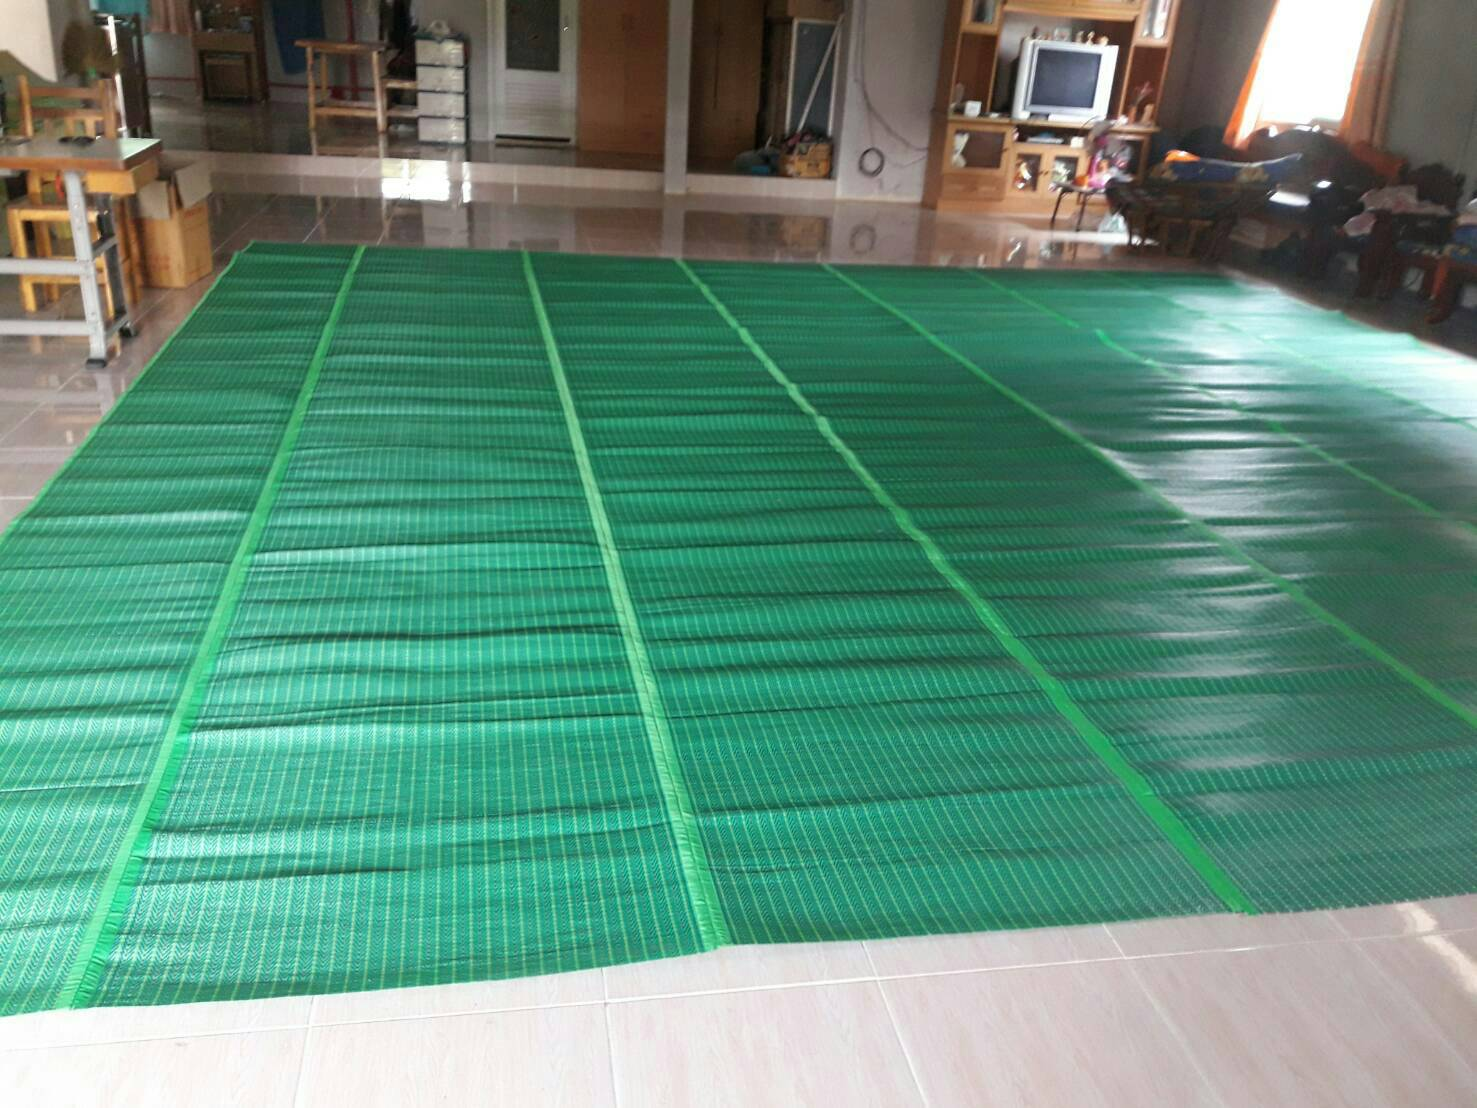 เสื่อพลาสติกขนาดพิเศษ 6 เมตร x 6 เมตร